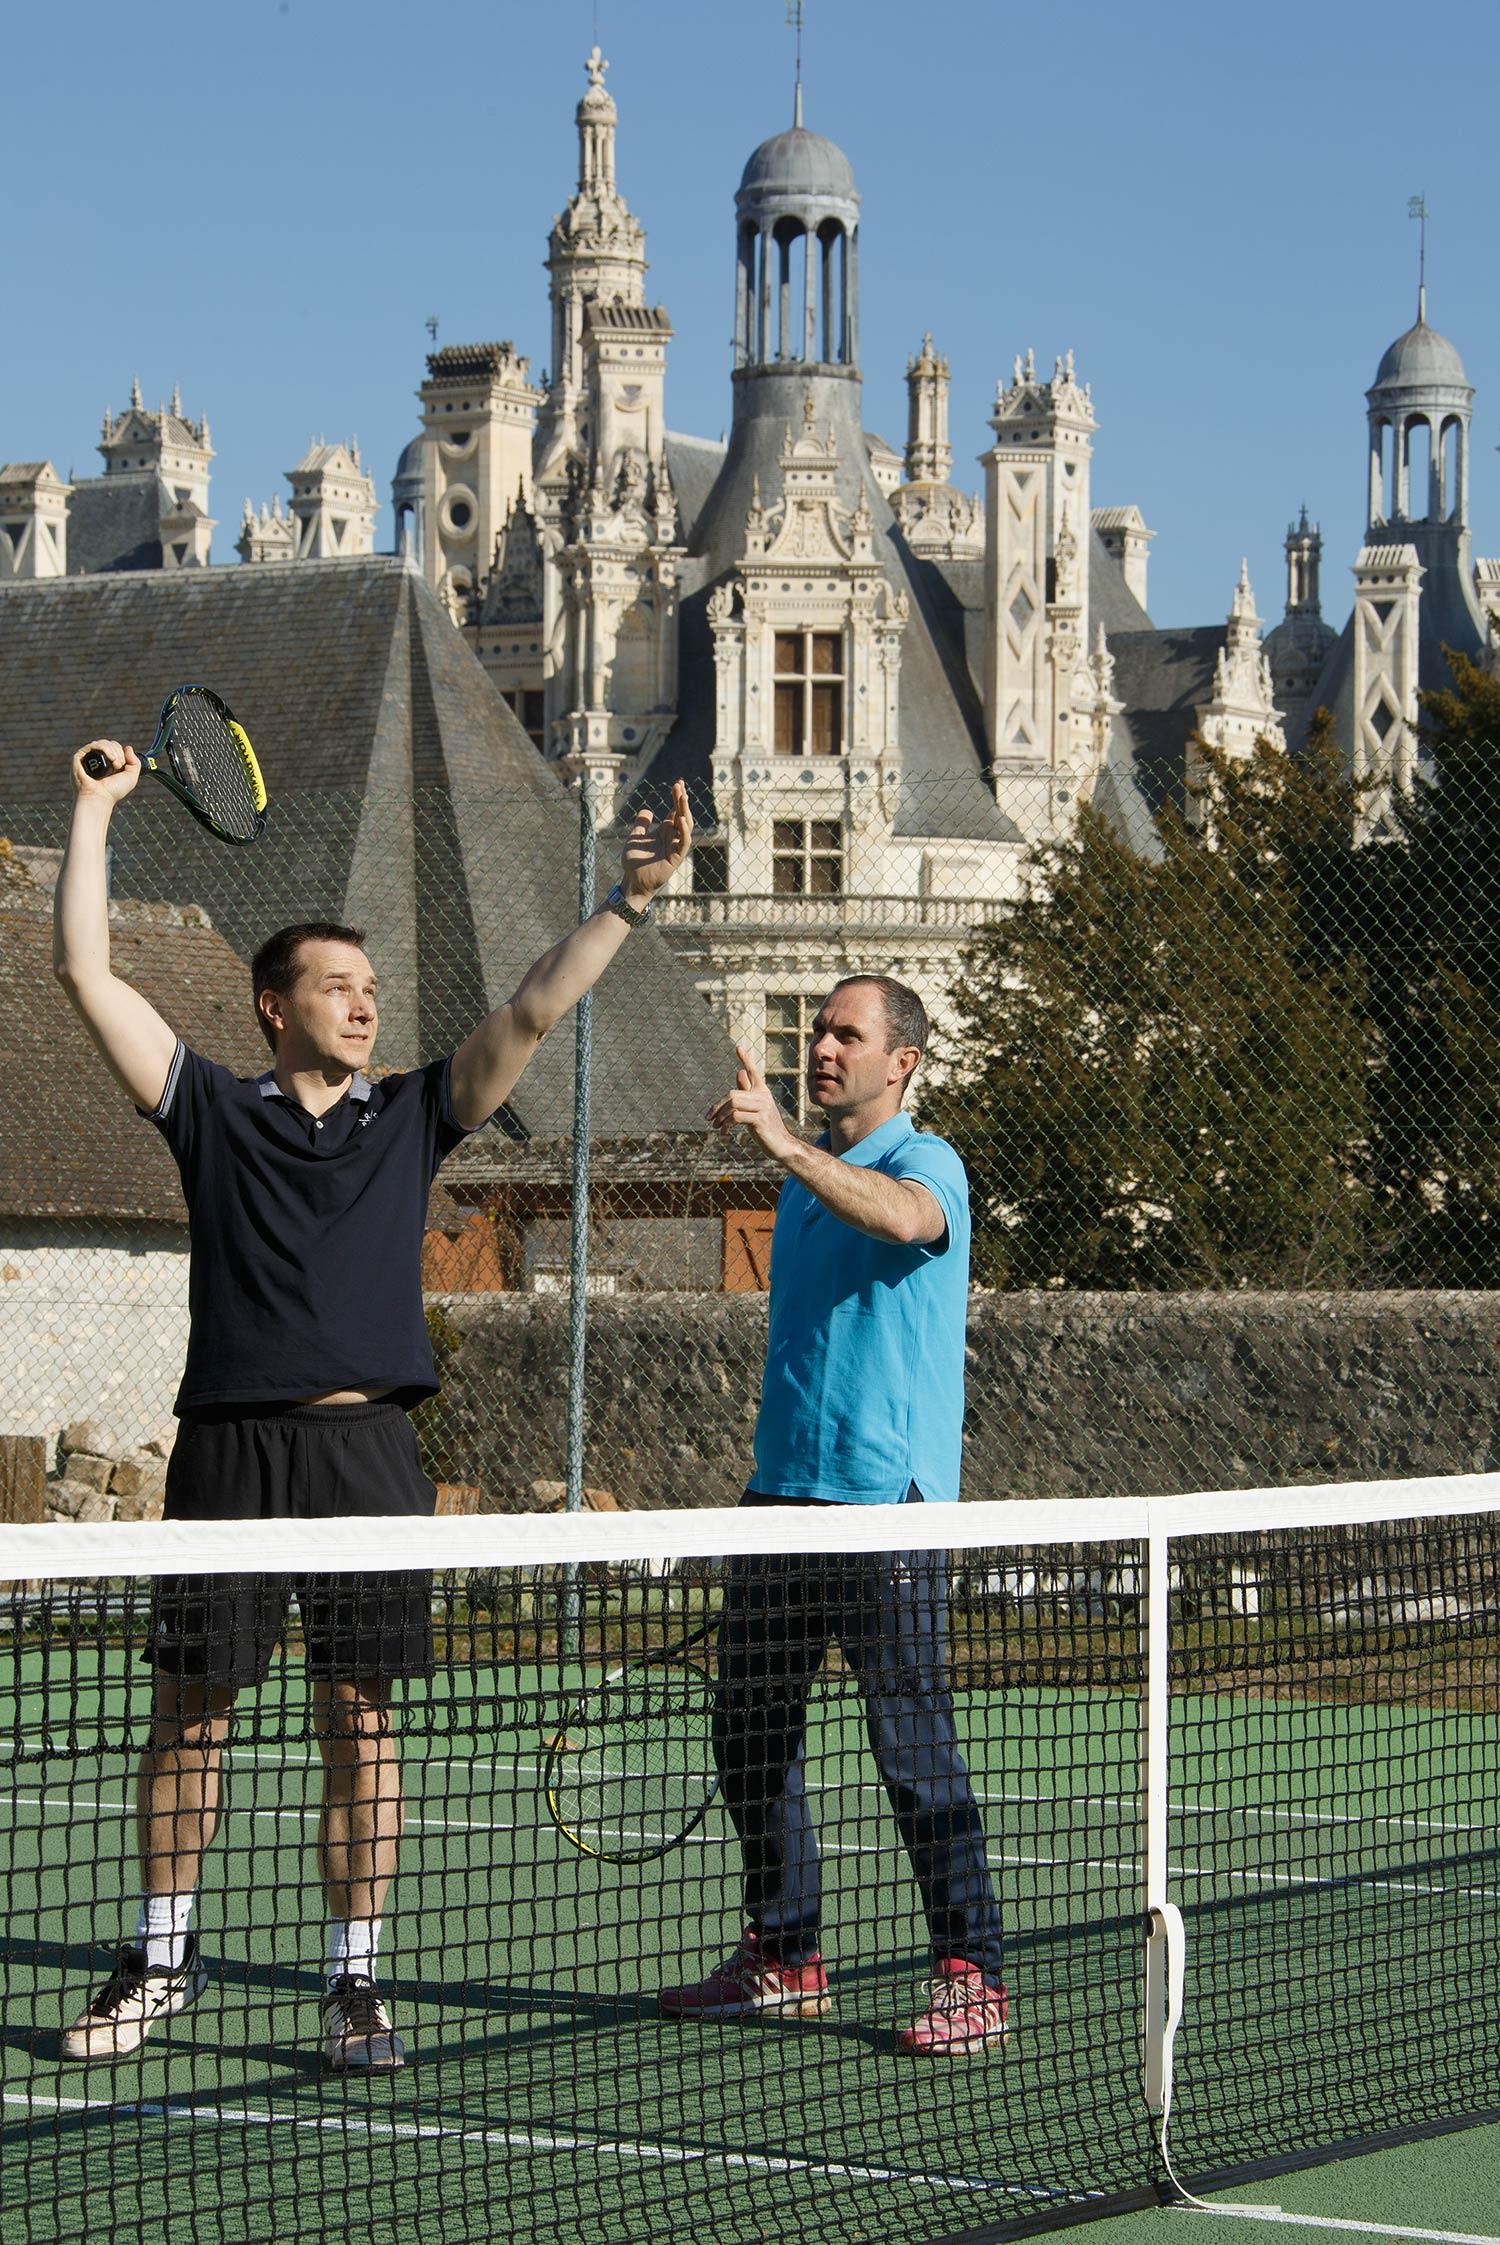 Tennis avec vue sur le château de Chambord